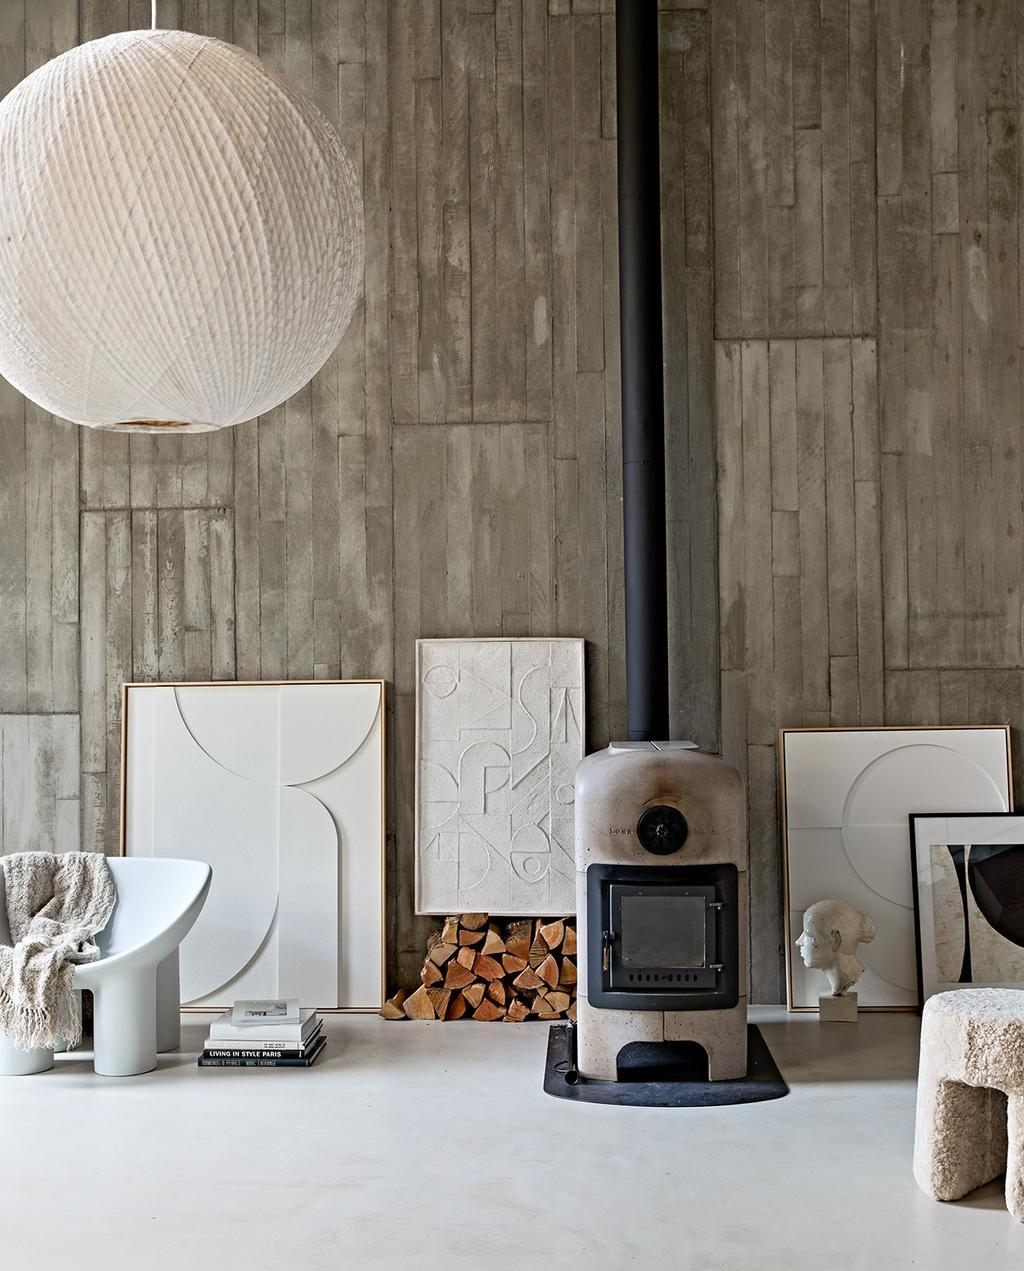 vtwonen 02-2021 | grote ronde lamp met verschillende kunstwerken met diepte, en houtkachel